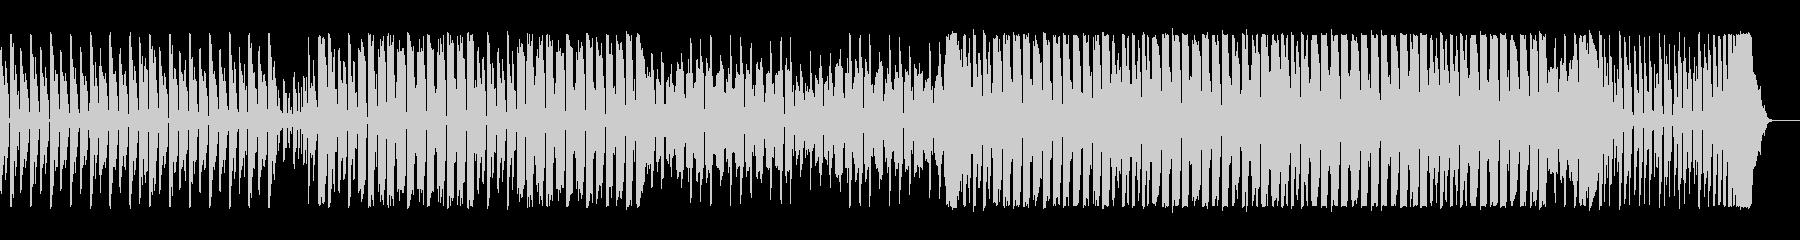 ポップで跳ね感のあるテクノの曲の未再生の波形